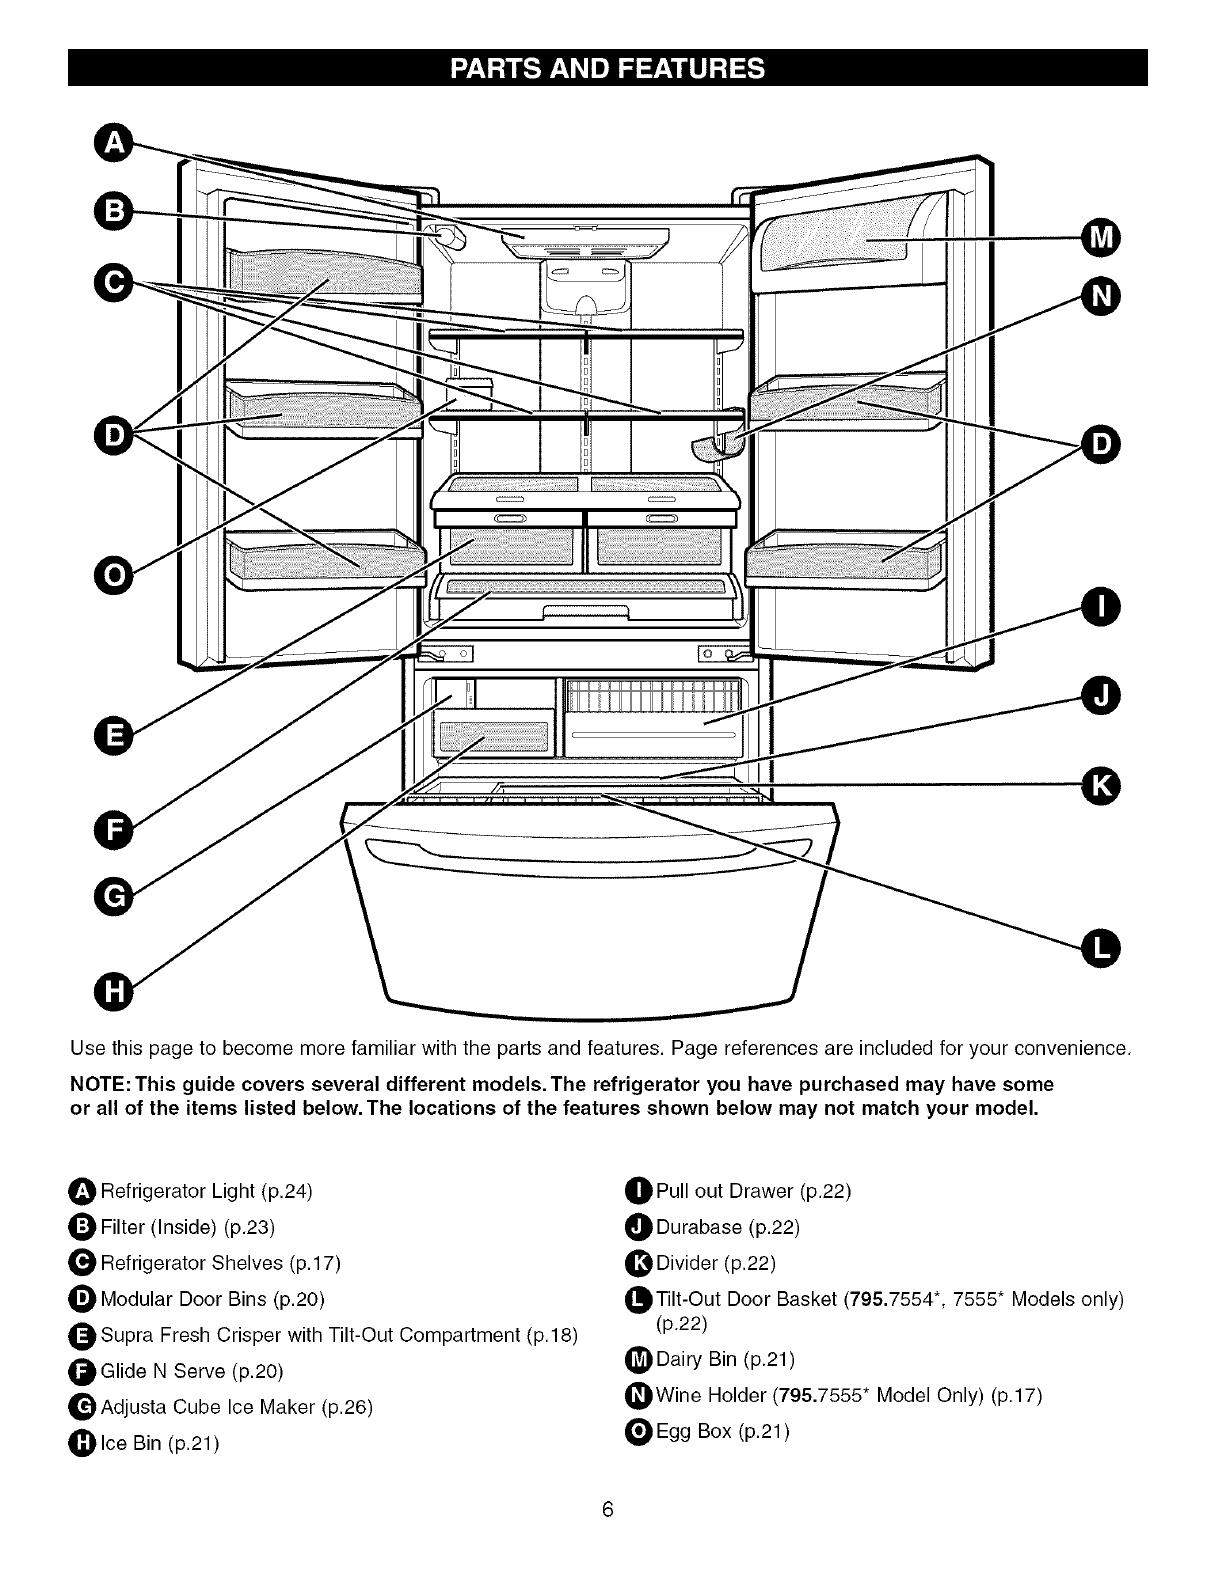 Kenmore 795 Users Manual